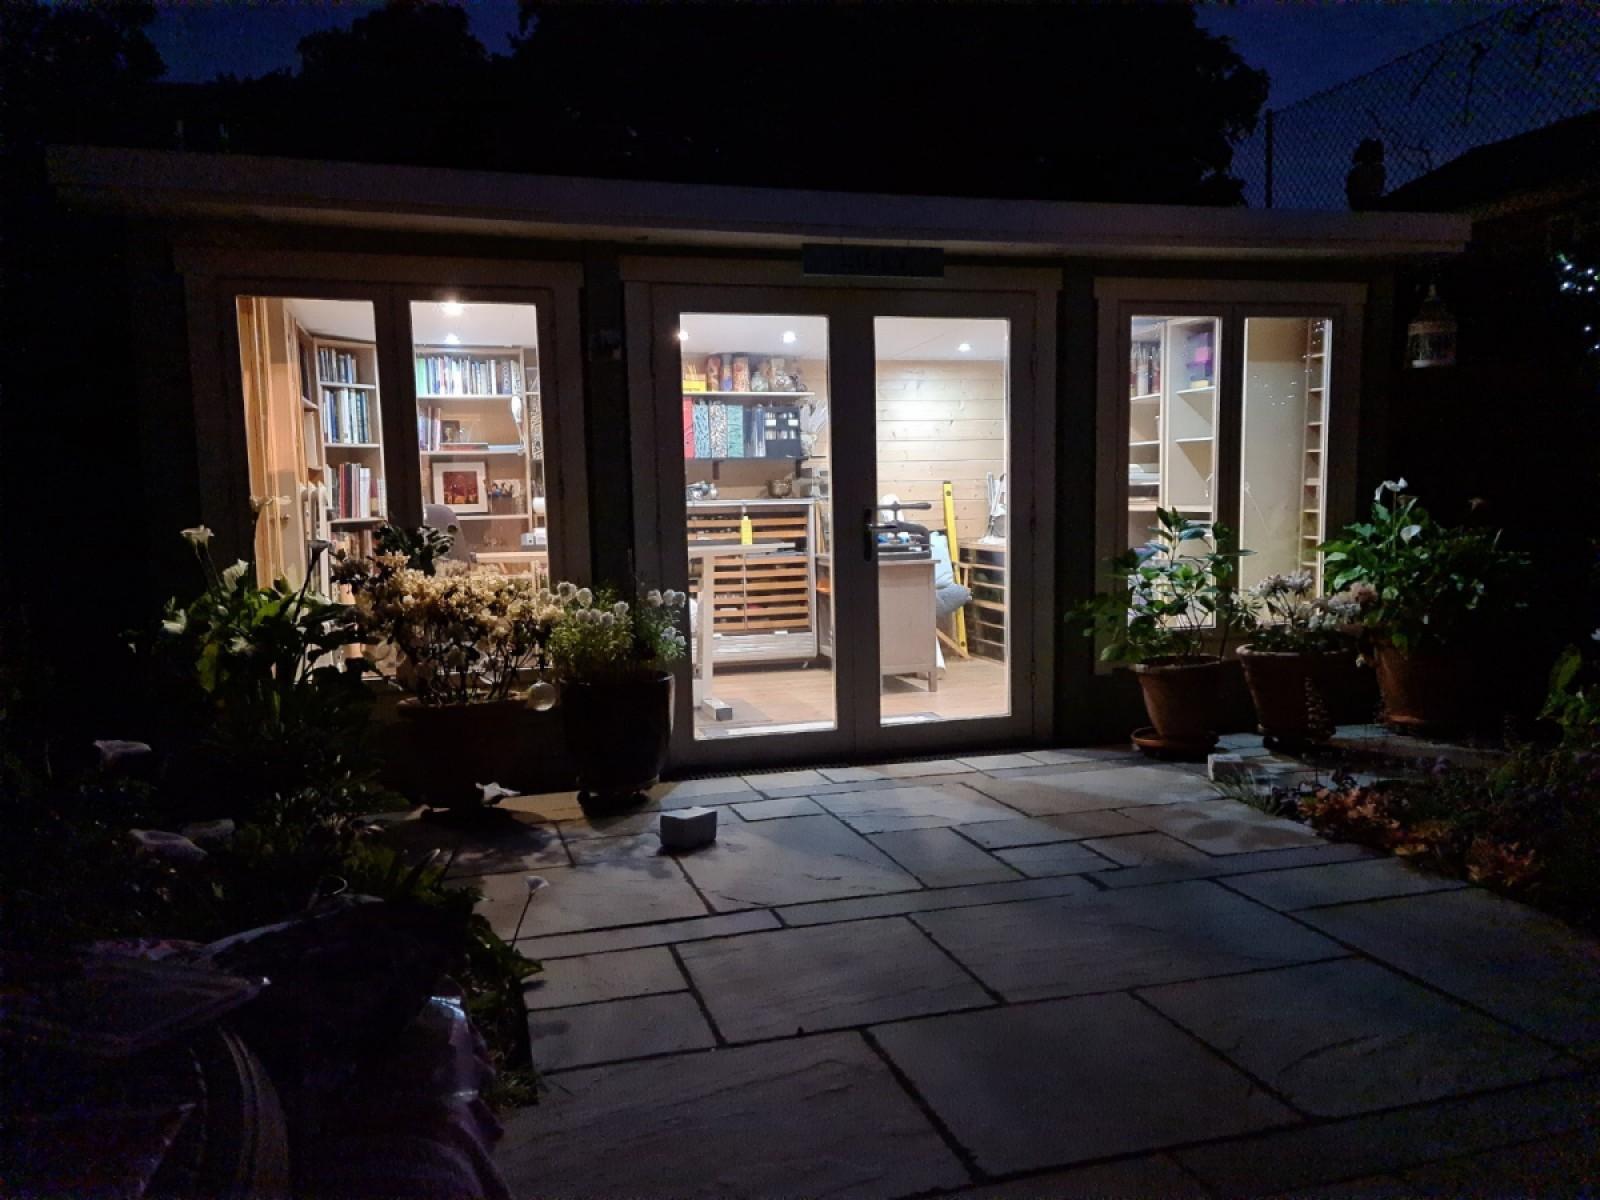 1624629890_Lillevilla 345 Cabin Night 2.jpg